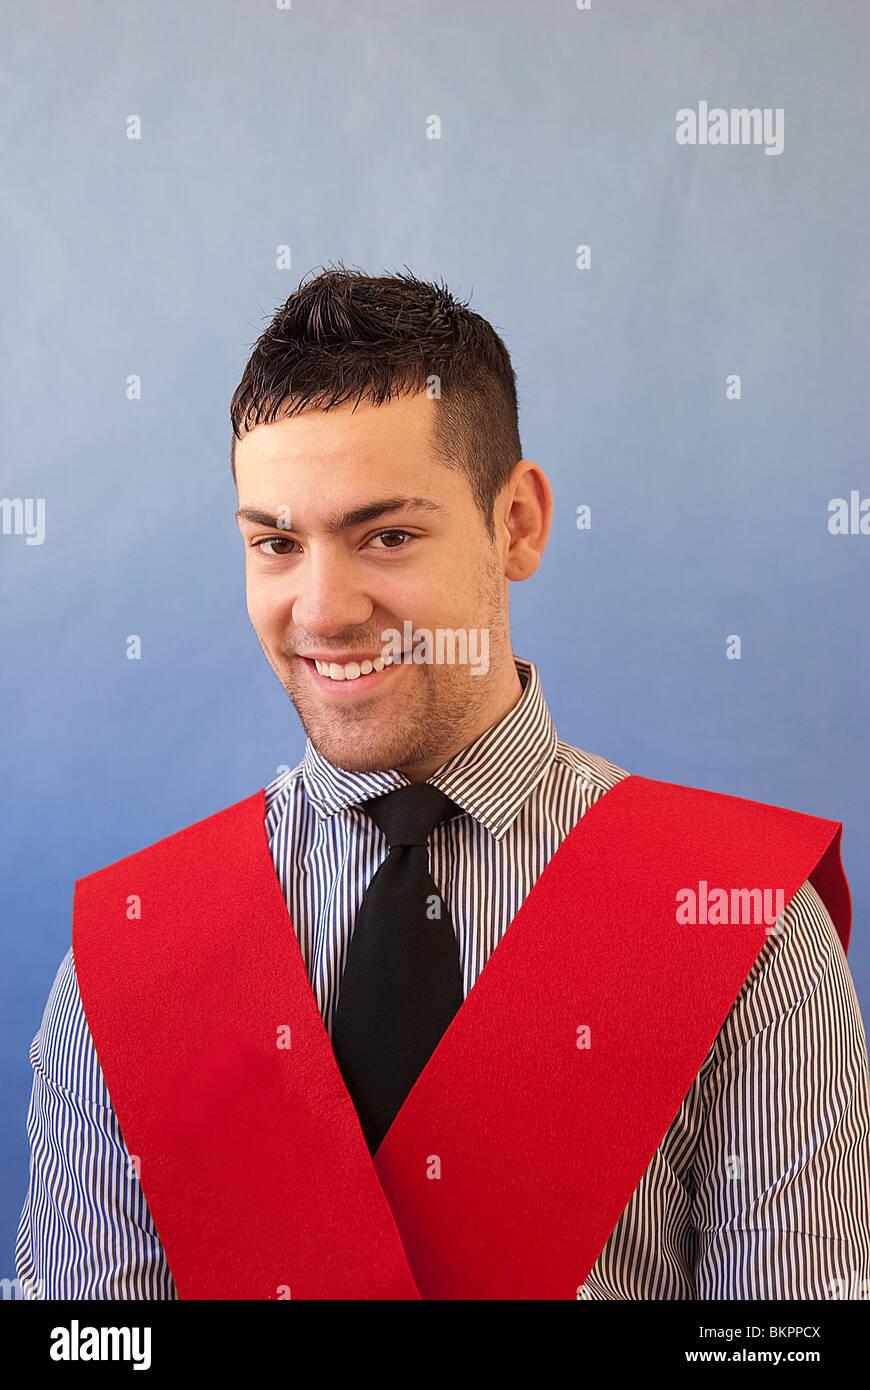 Ritratto di uno studente universitario. Immagini Stock